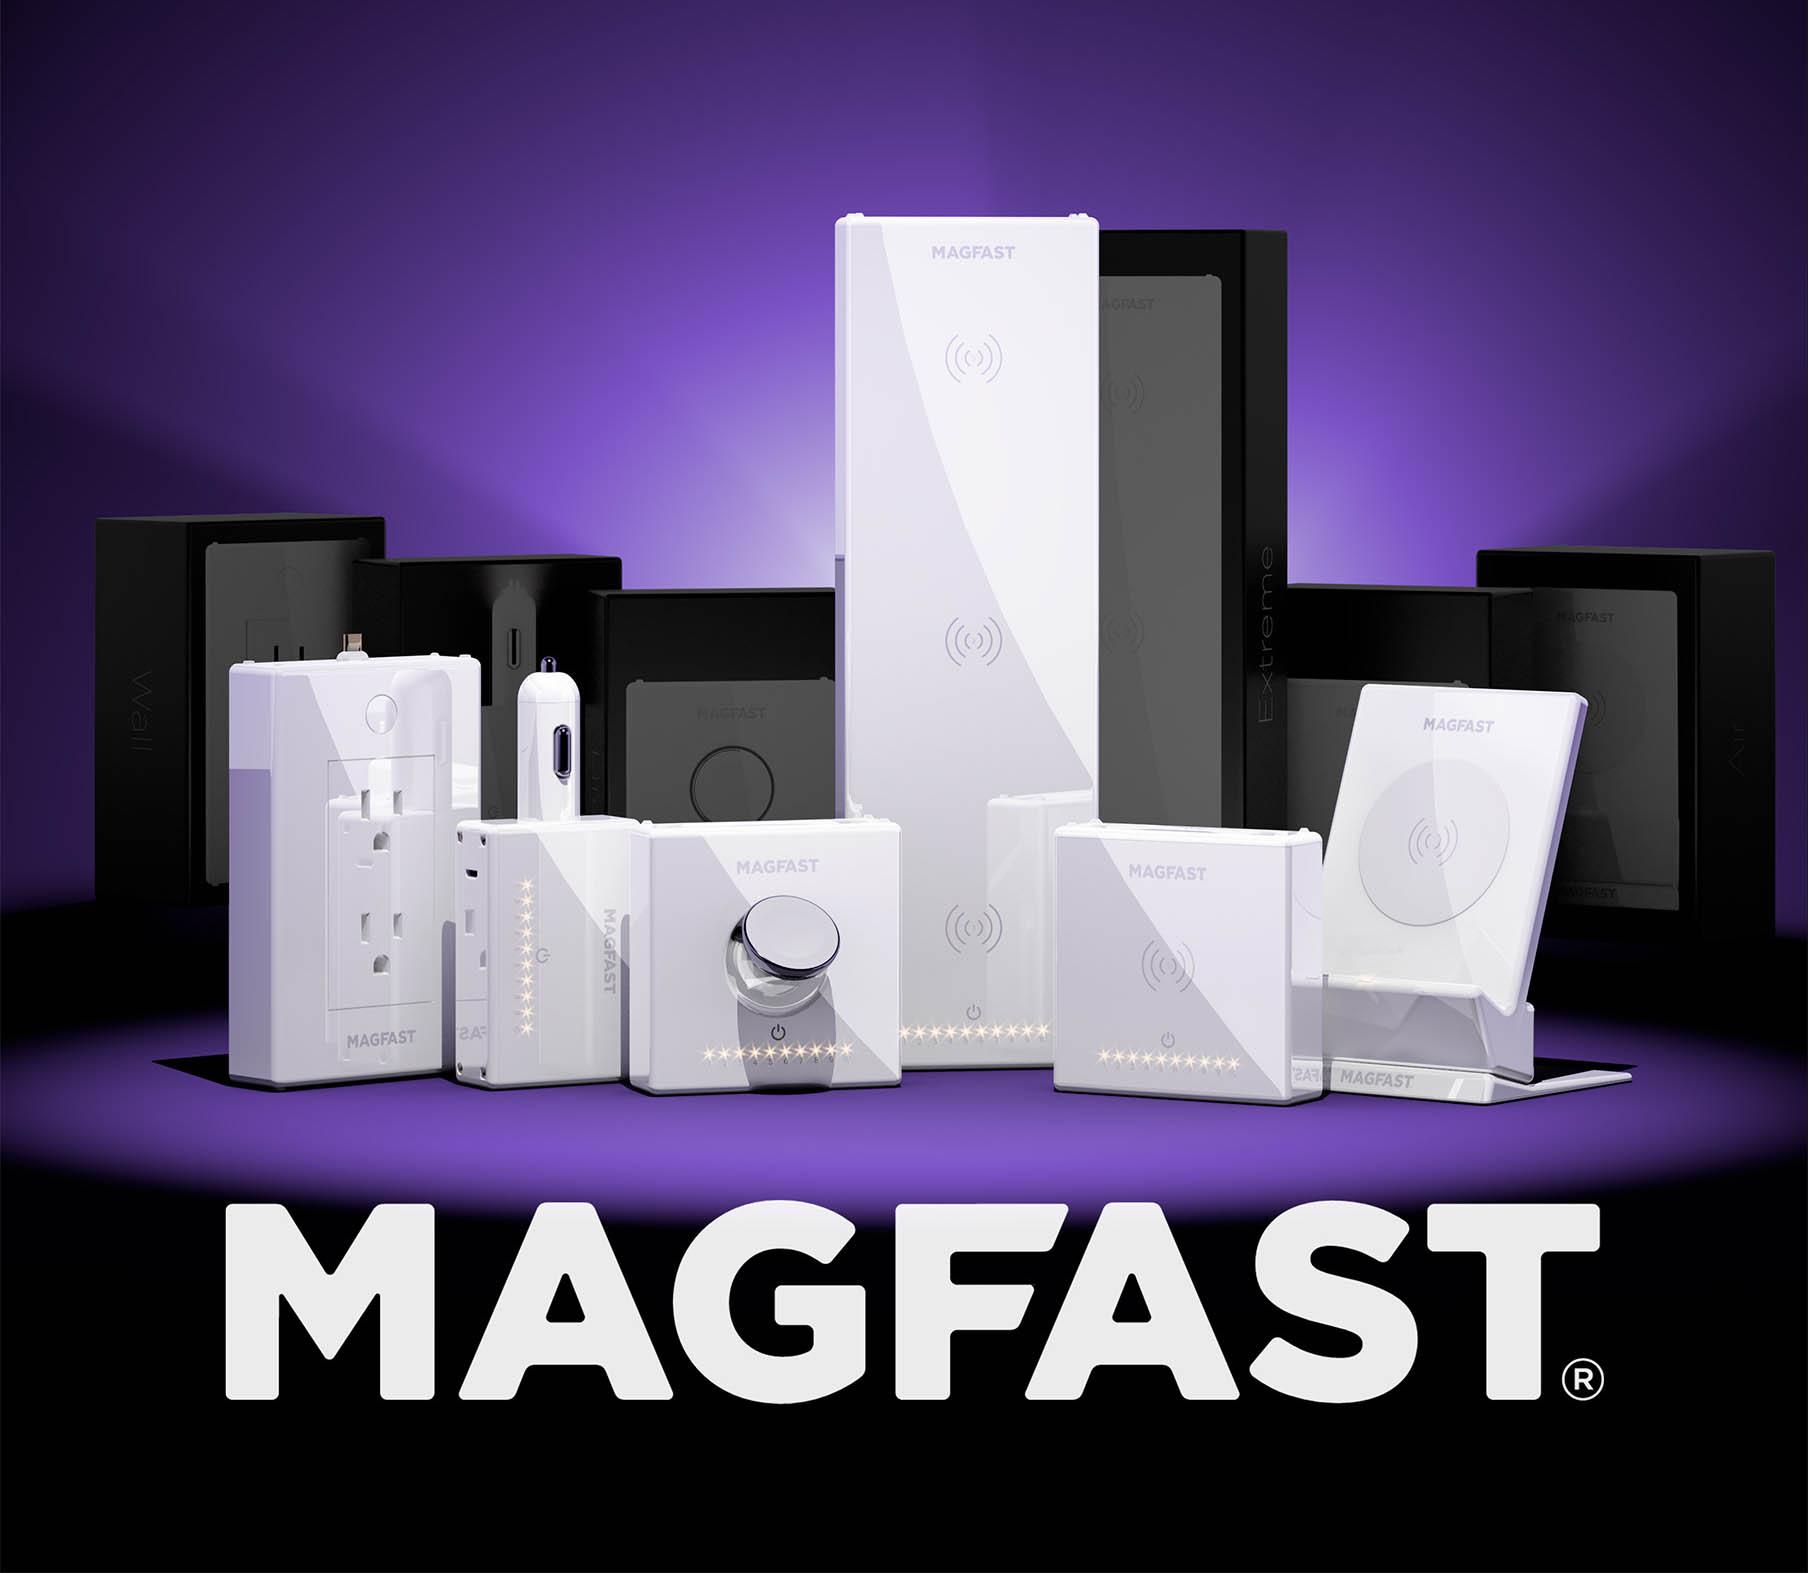 Magfast